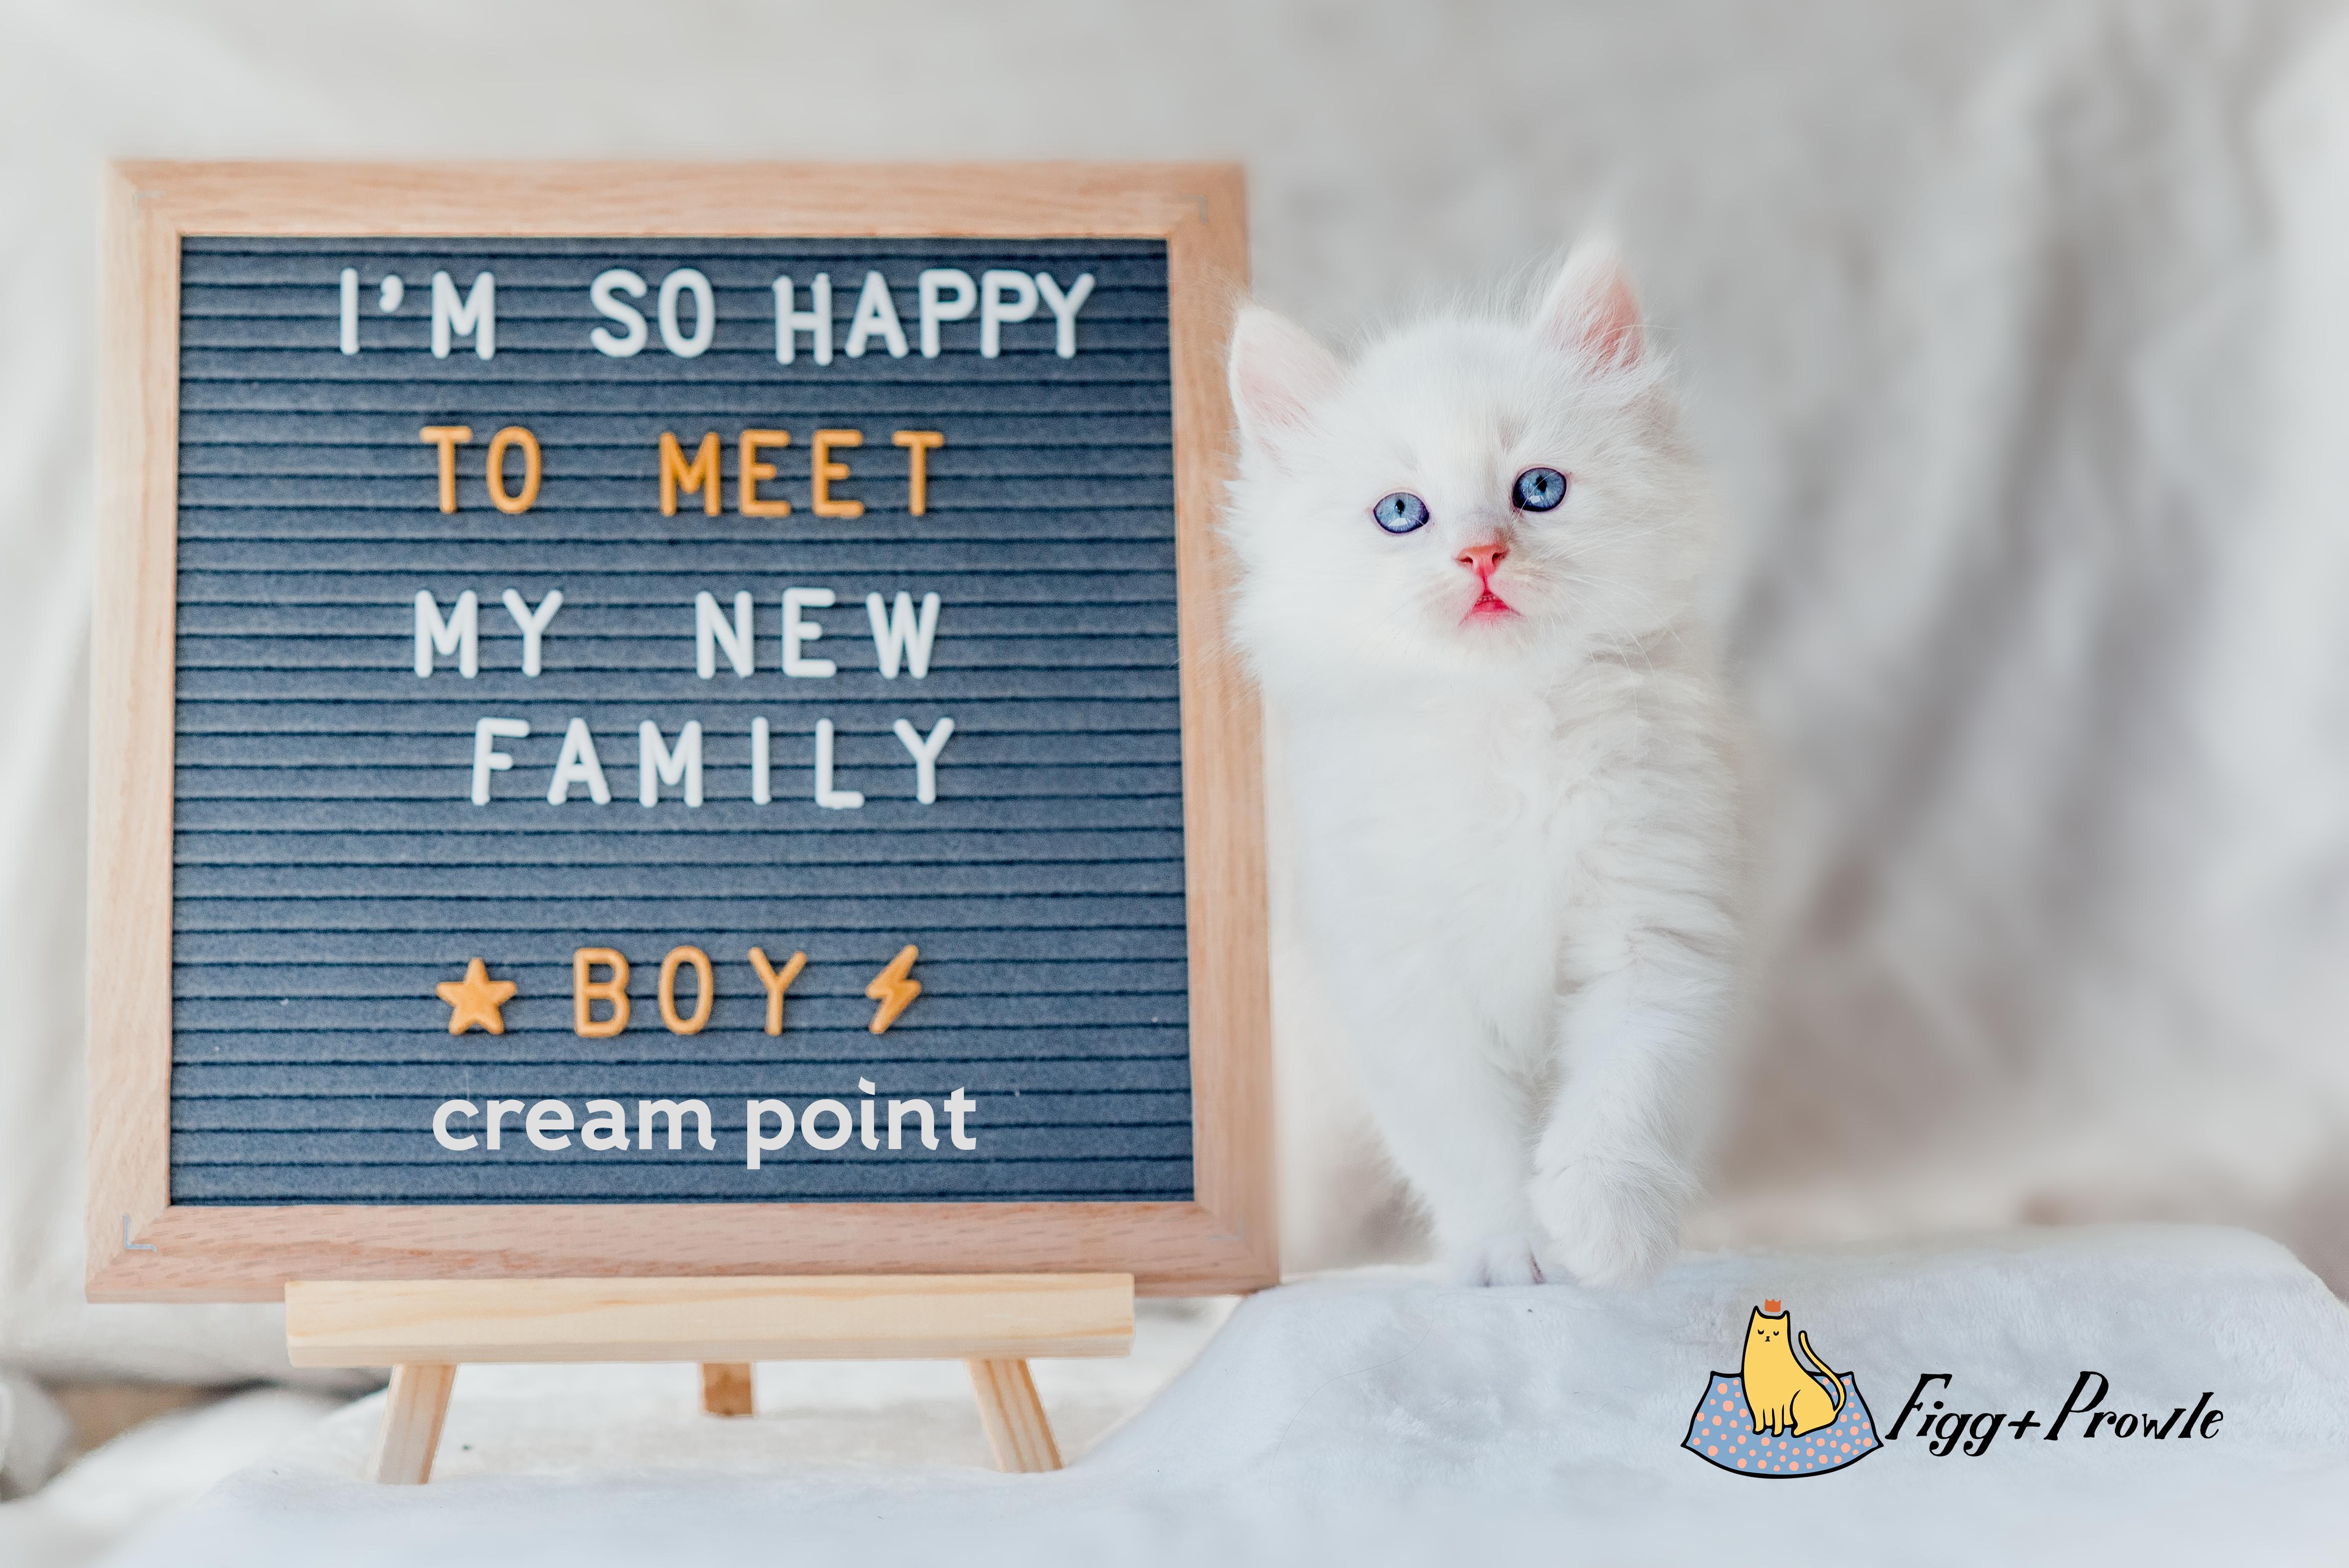 Bones' cream point boy